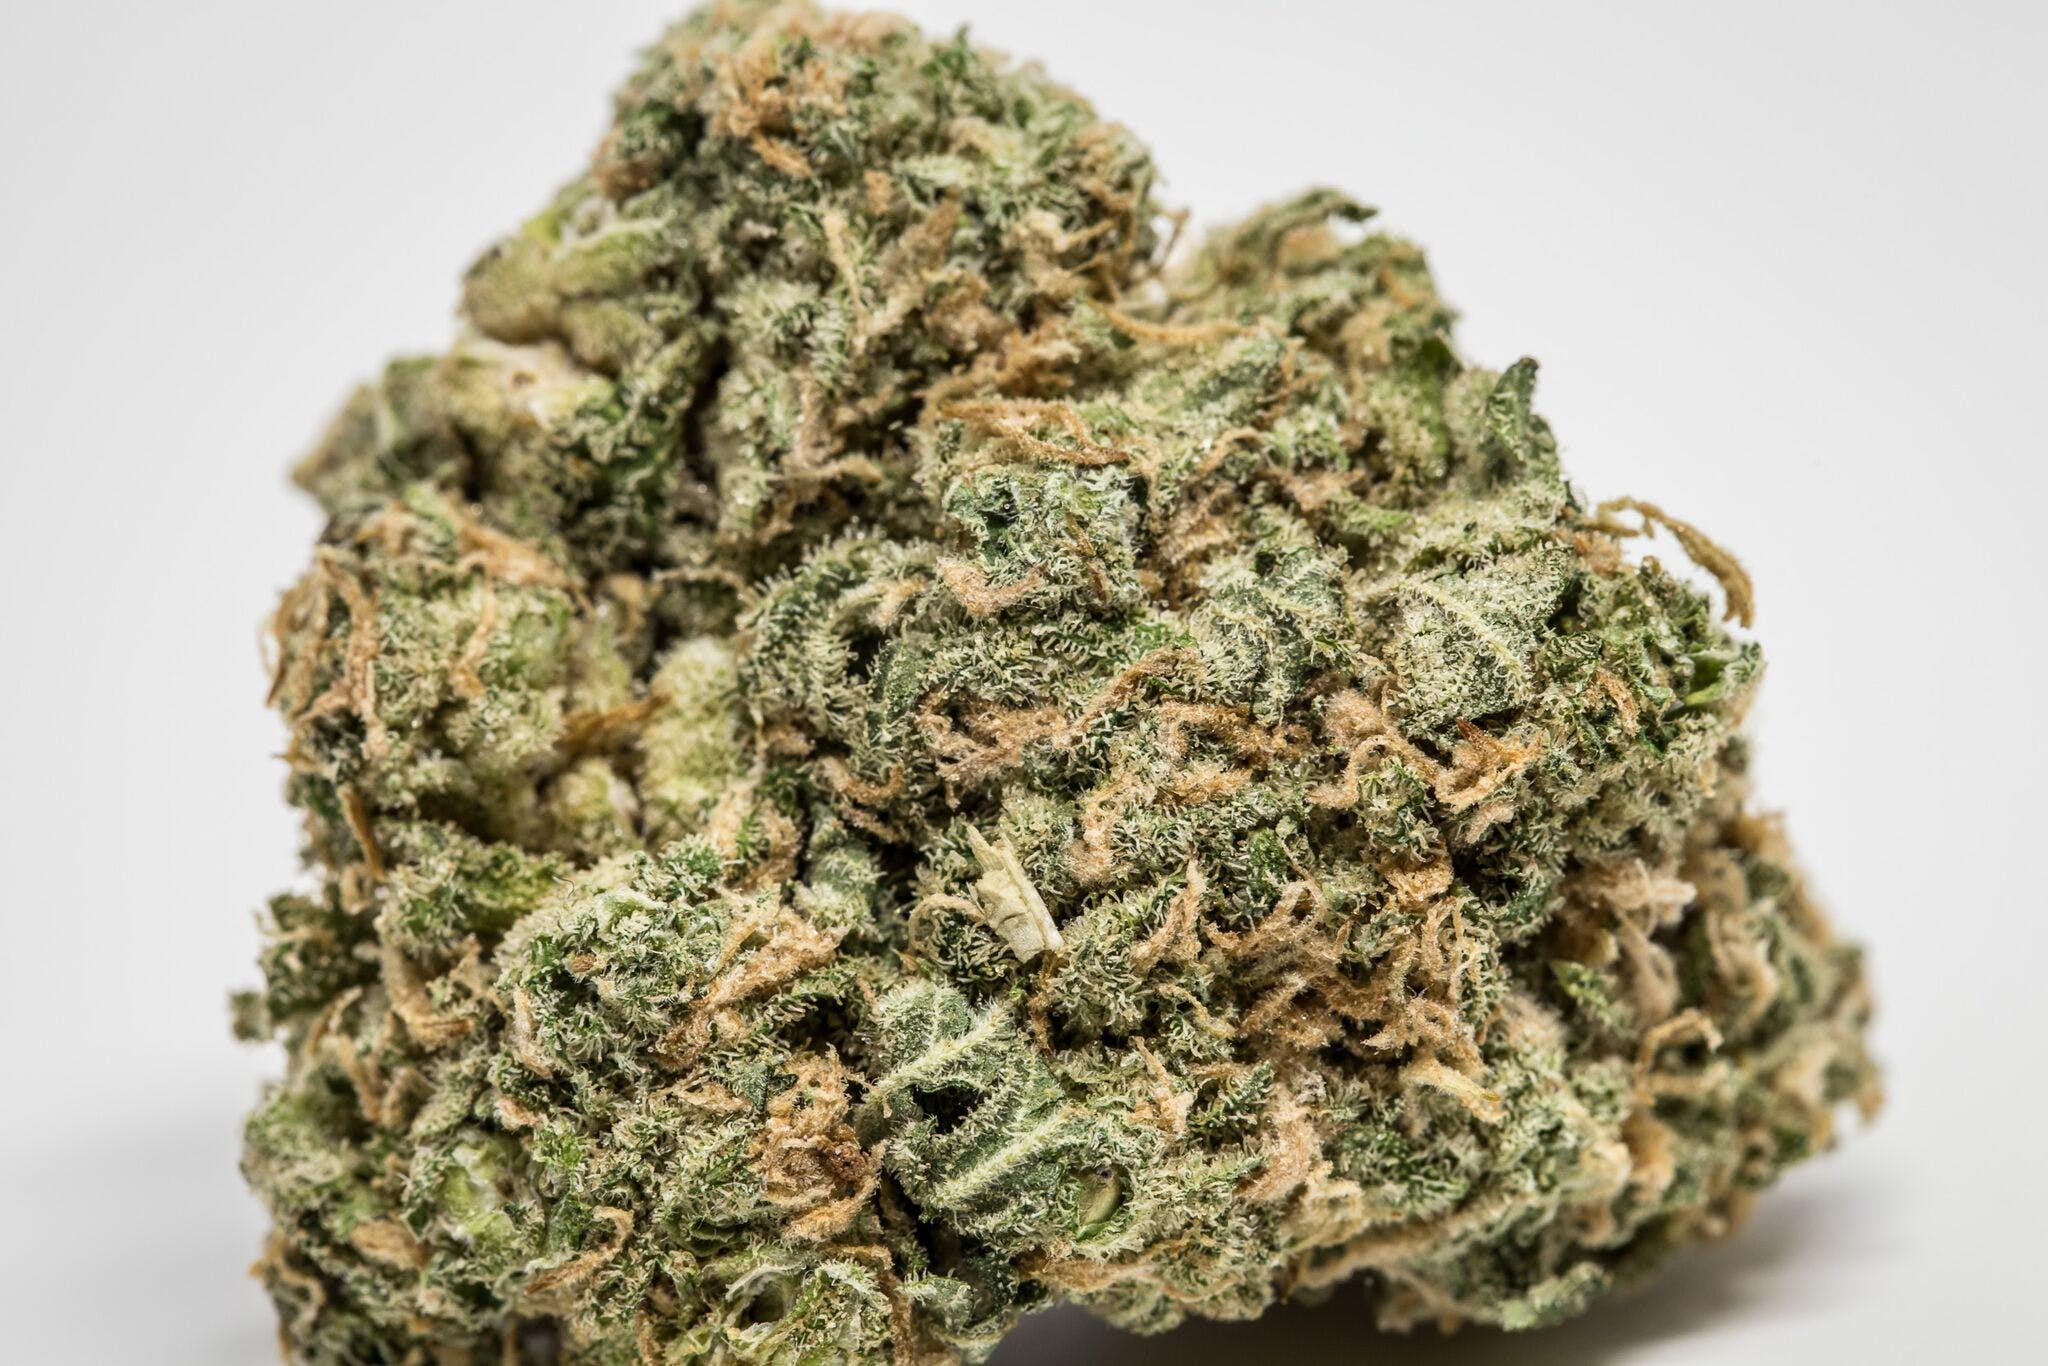 Afghan Skunk Weed; Afghan Skunk Cannabis Strain, Afghan Skunk Indica Marijuana Strain